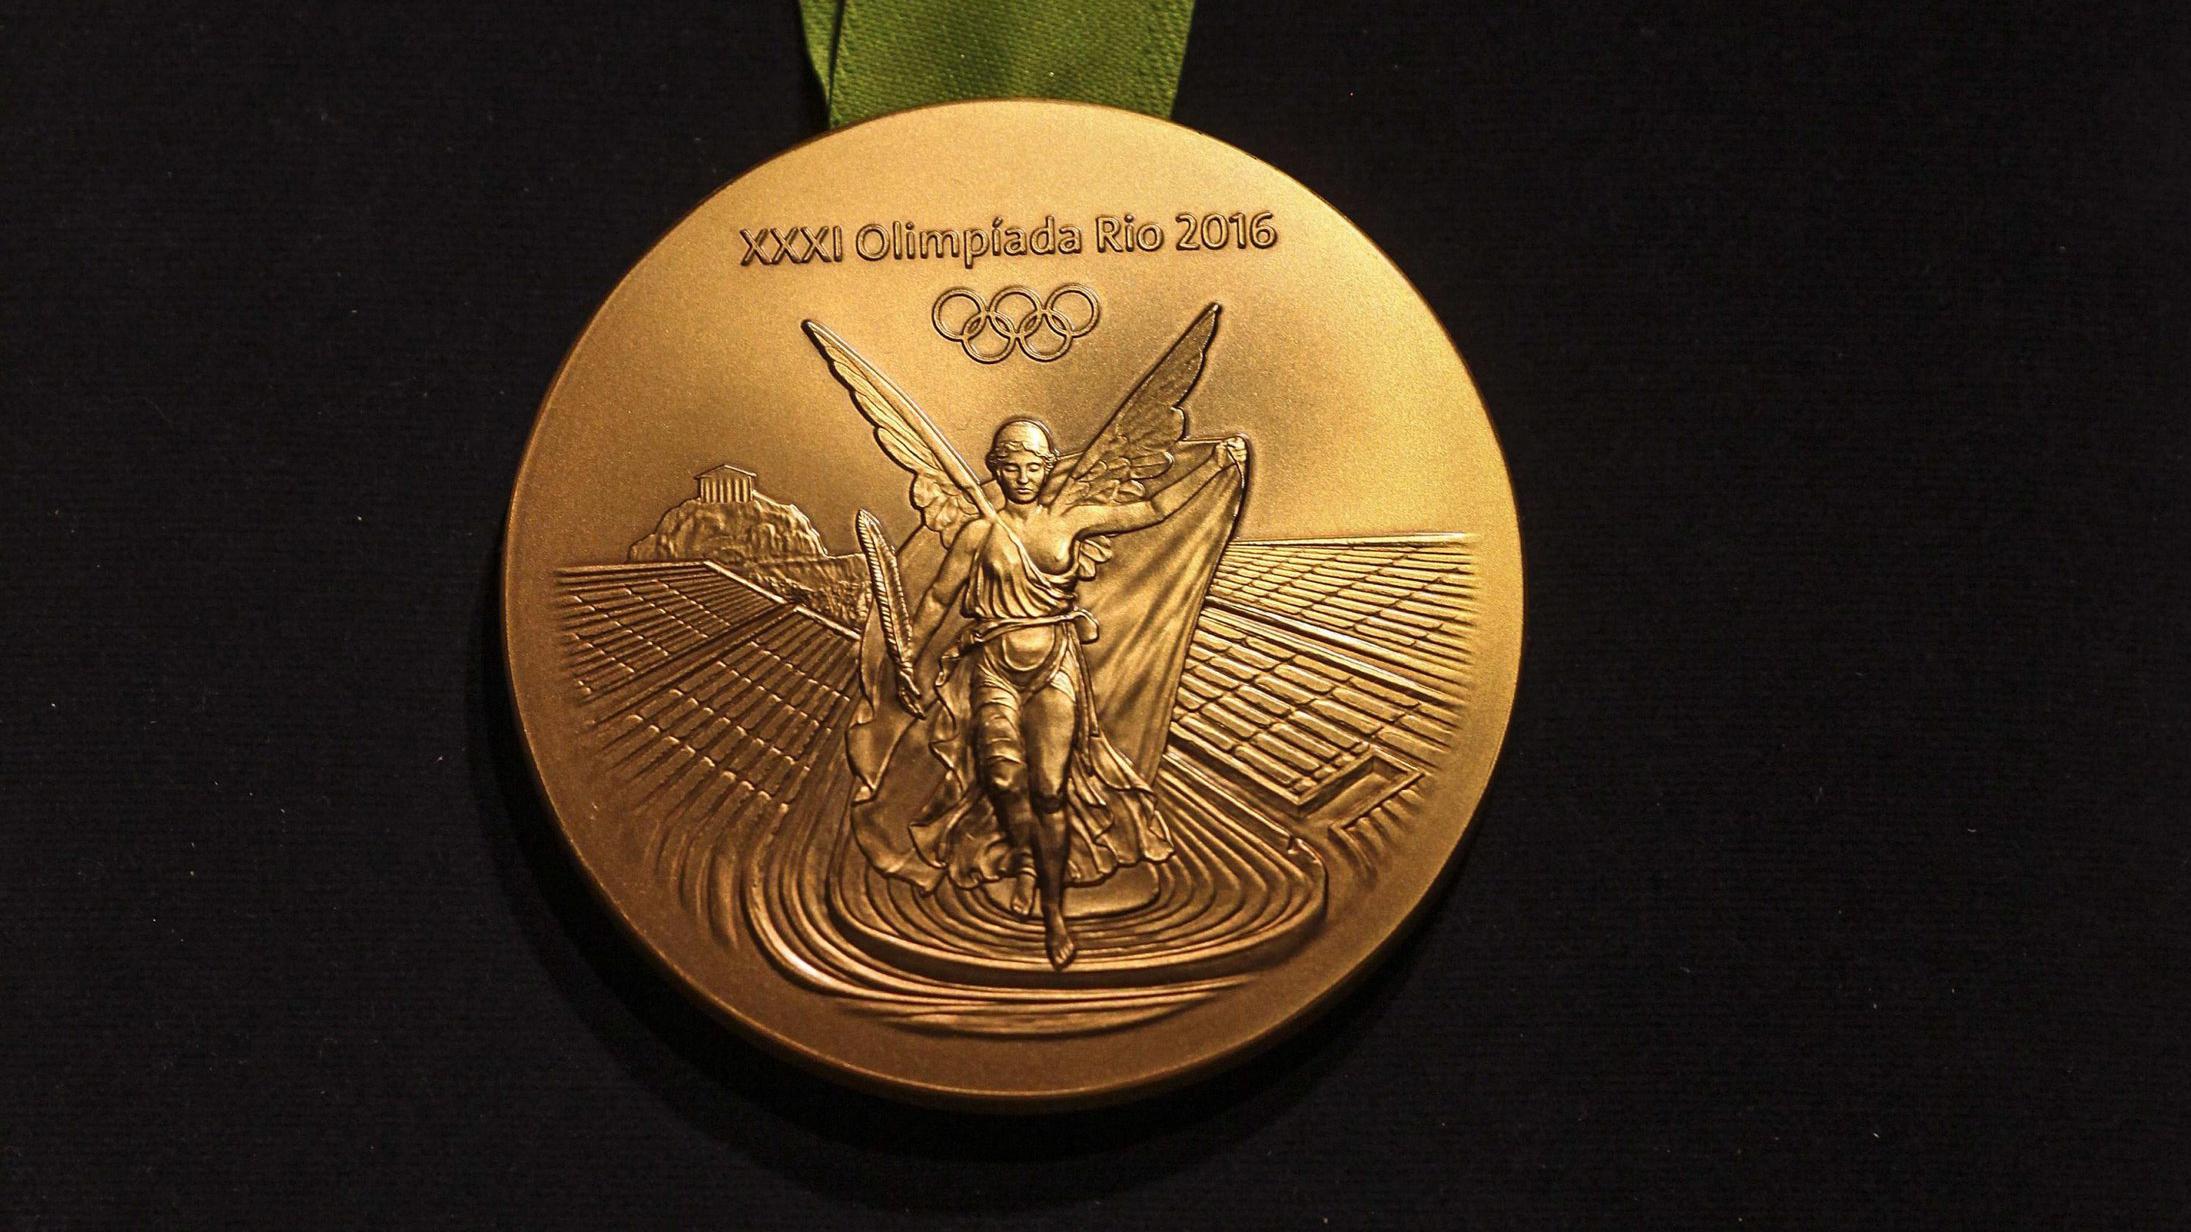 Goldmedaille der Olympischen Spiele 2016